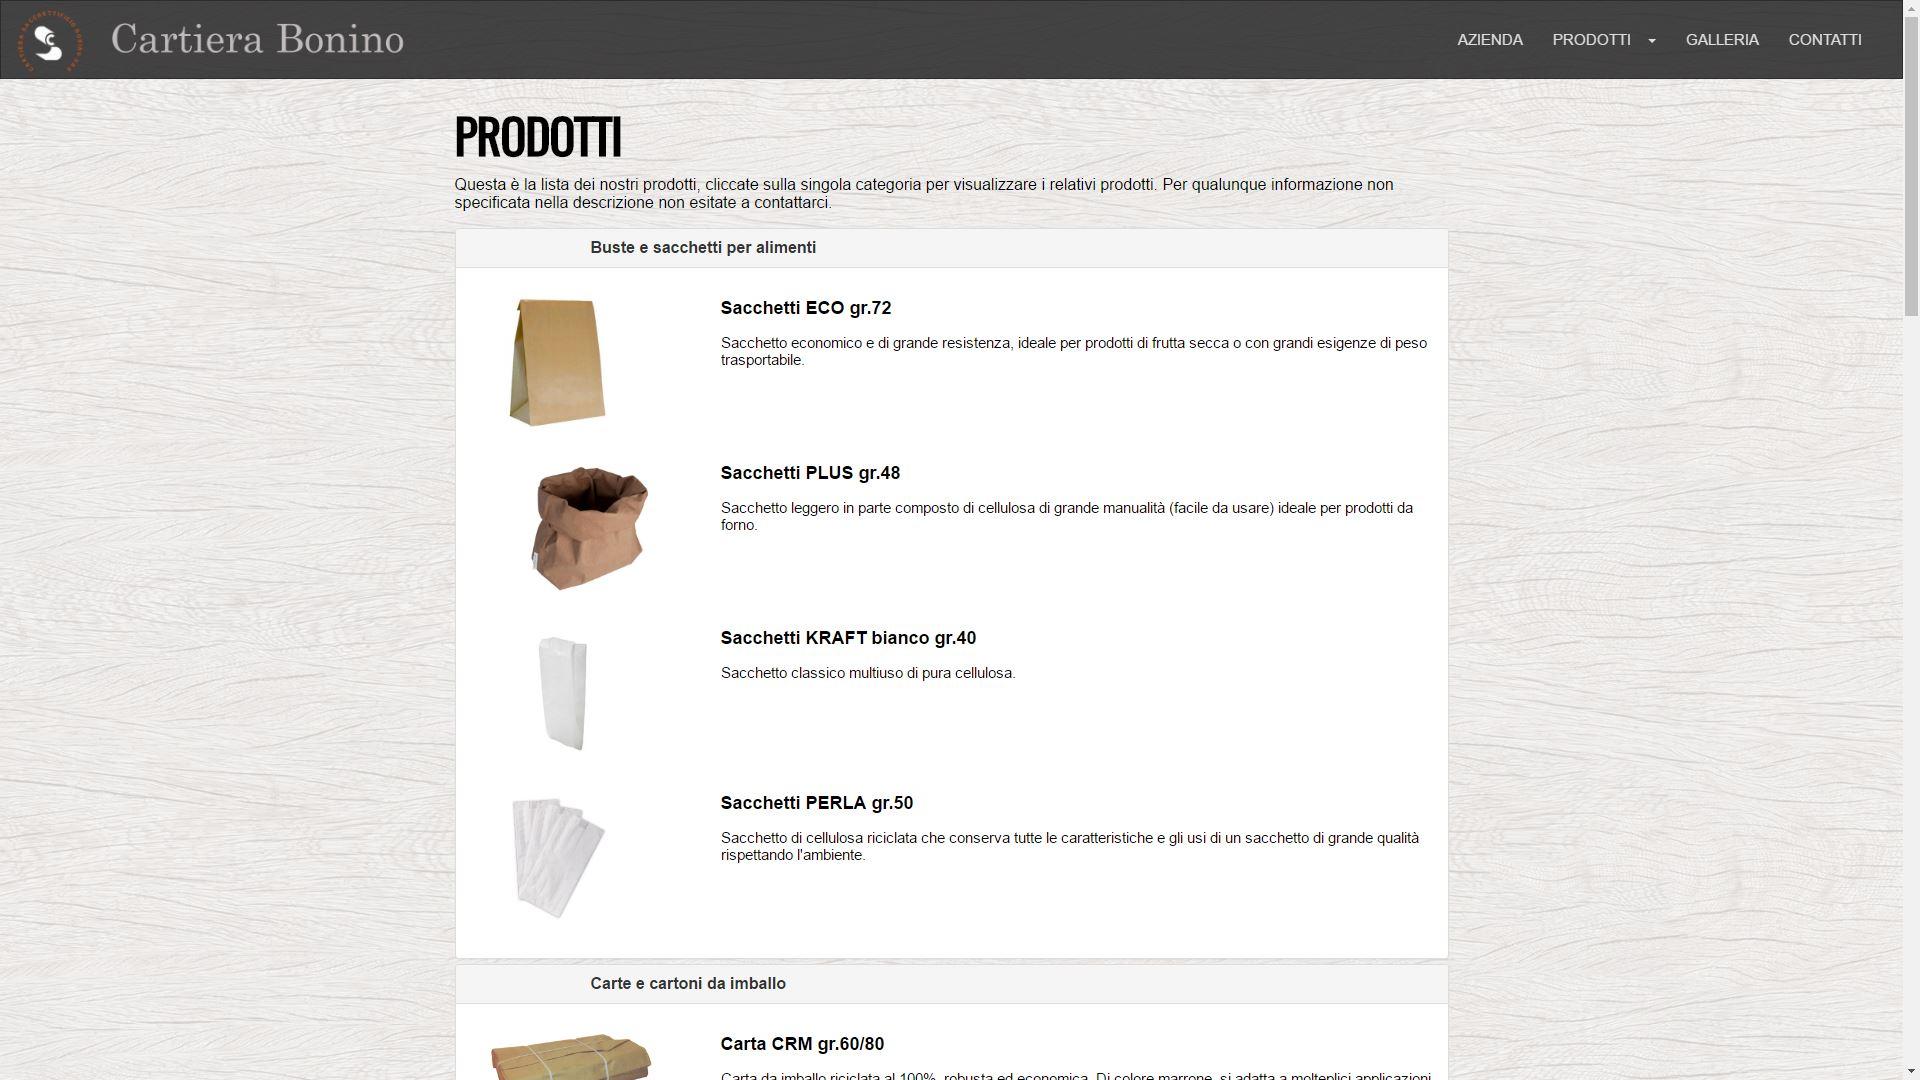 Mk Computers - Assistenza PC e Siti Web Caselle Torinese - Cartiera Bonino Prodotti